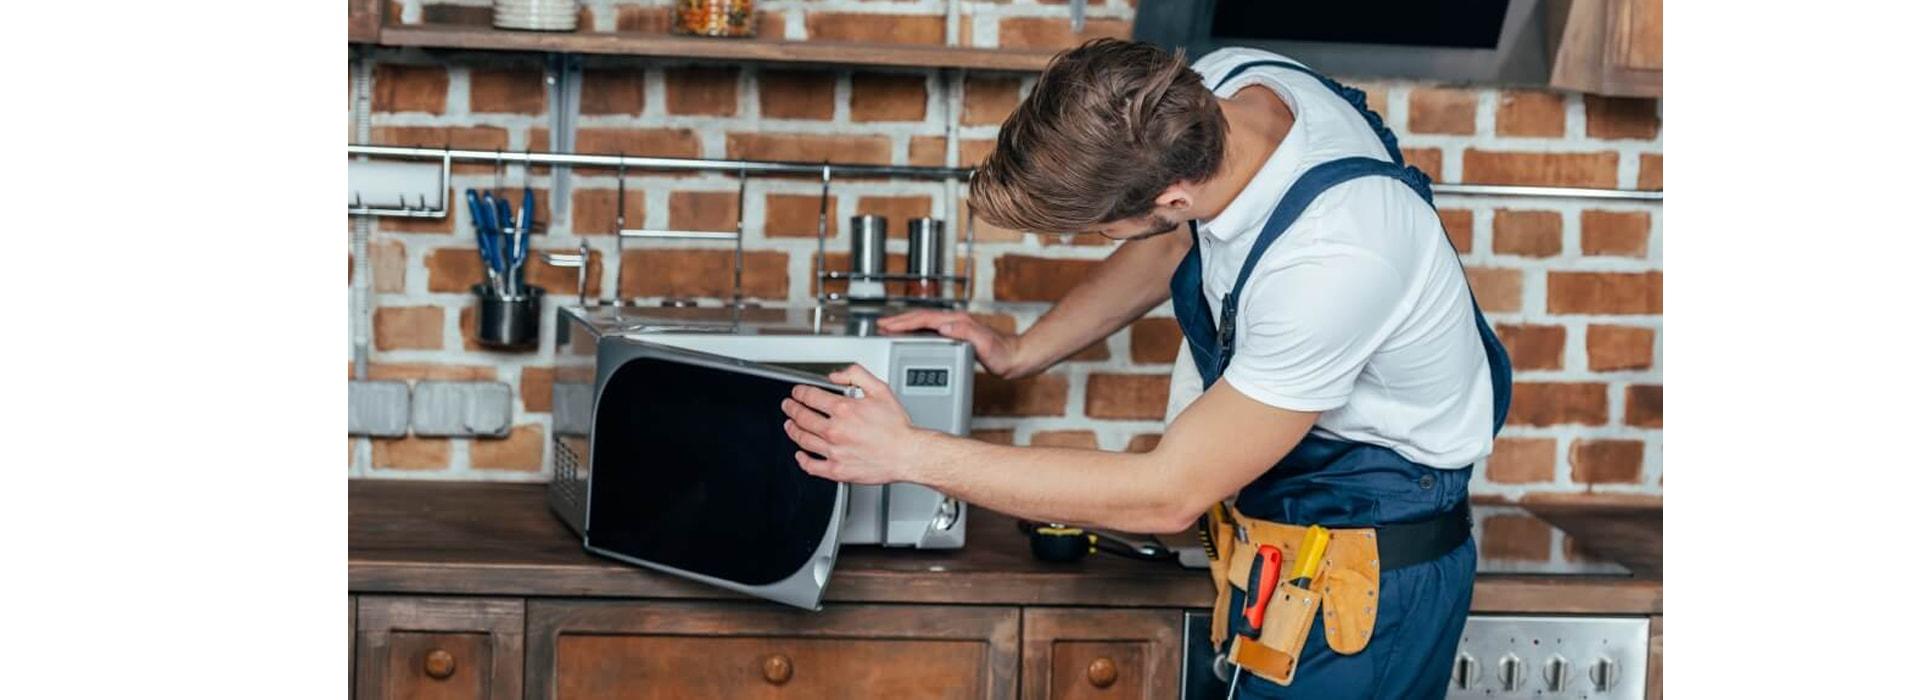 تعمیر لوازم خانگی در نیک تعمیر-